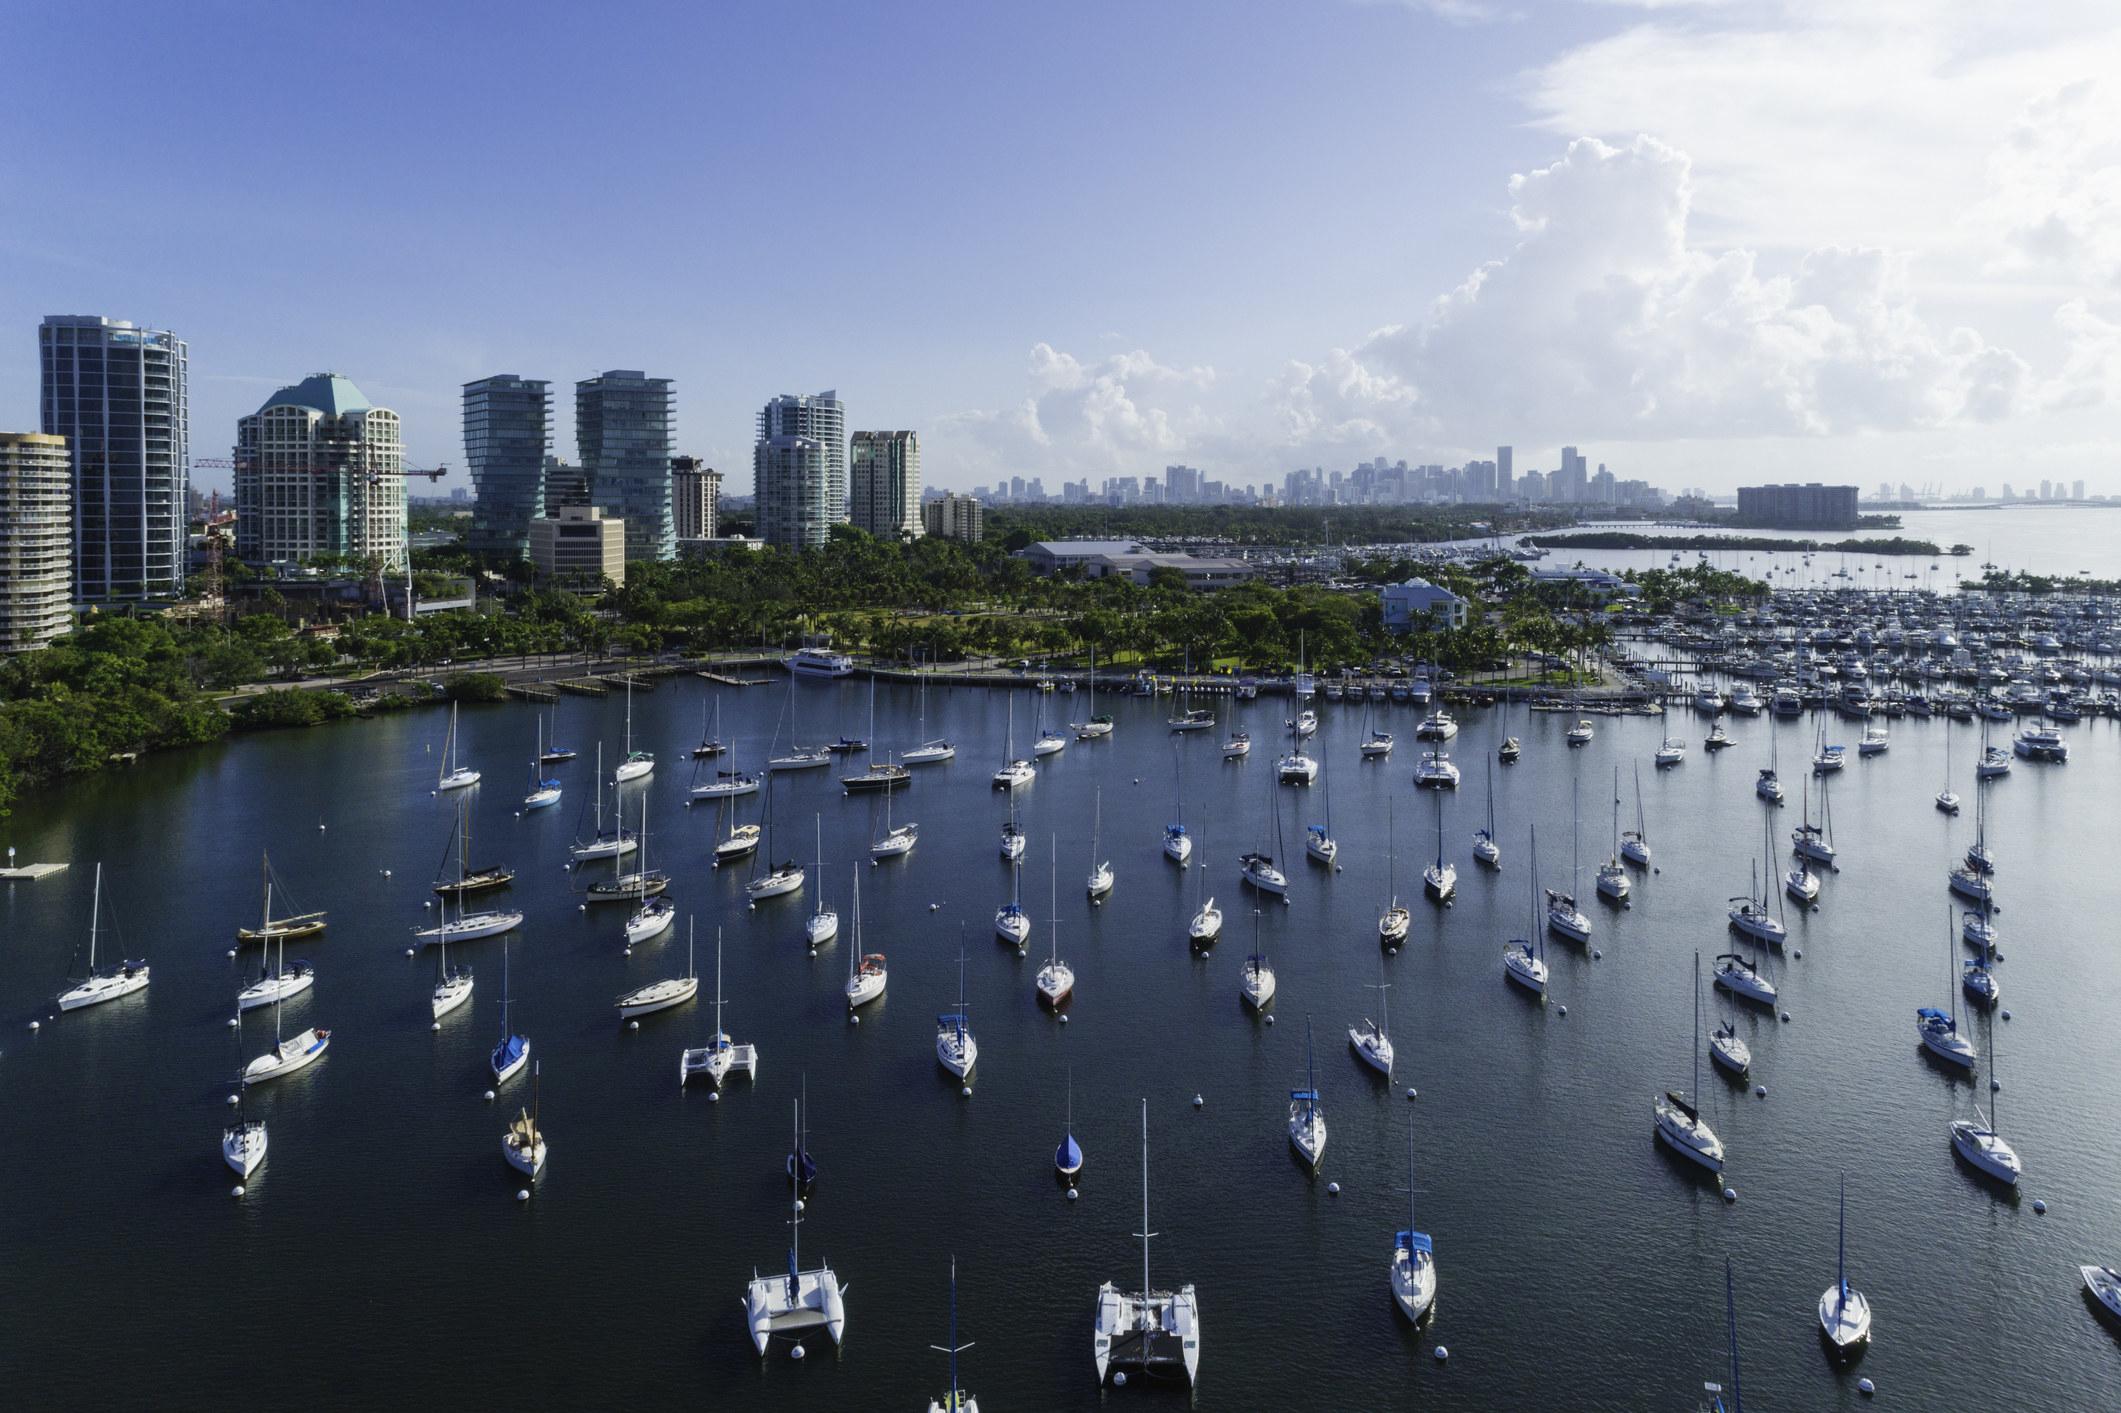 Coconut Grove Bay in Miami.